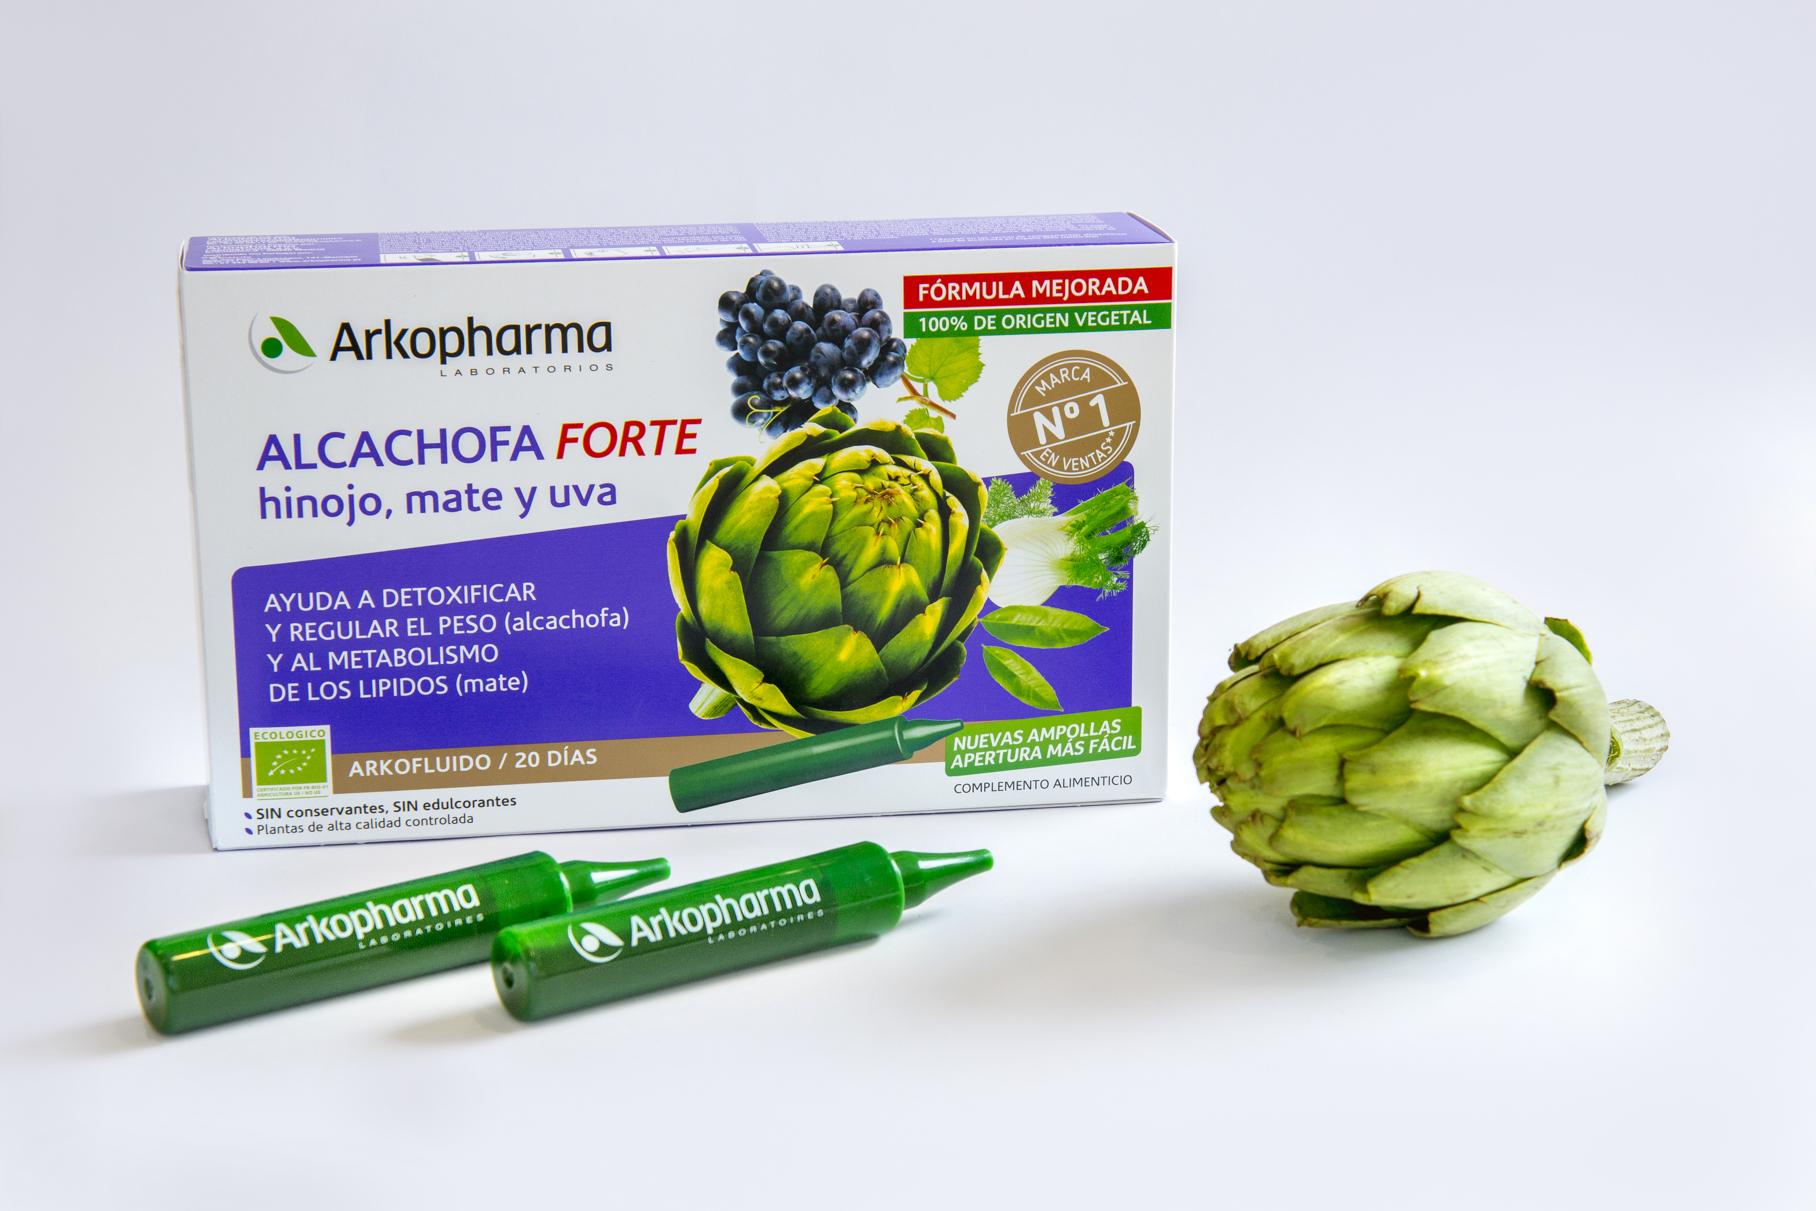 cuanto cuestan las ampolletas de alcachofa para adelgazar